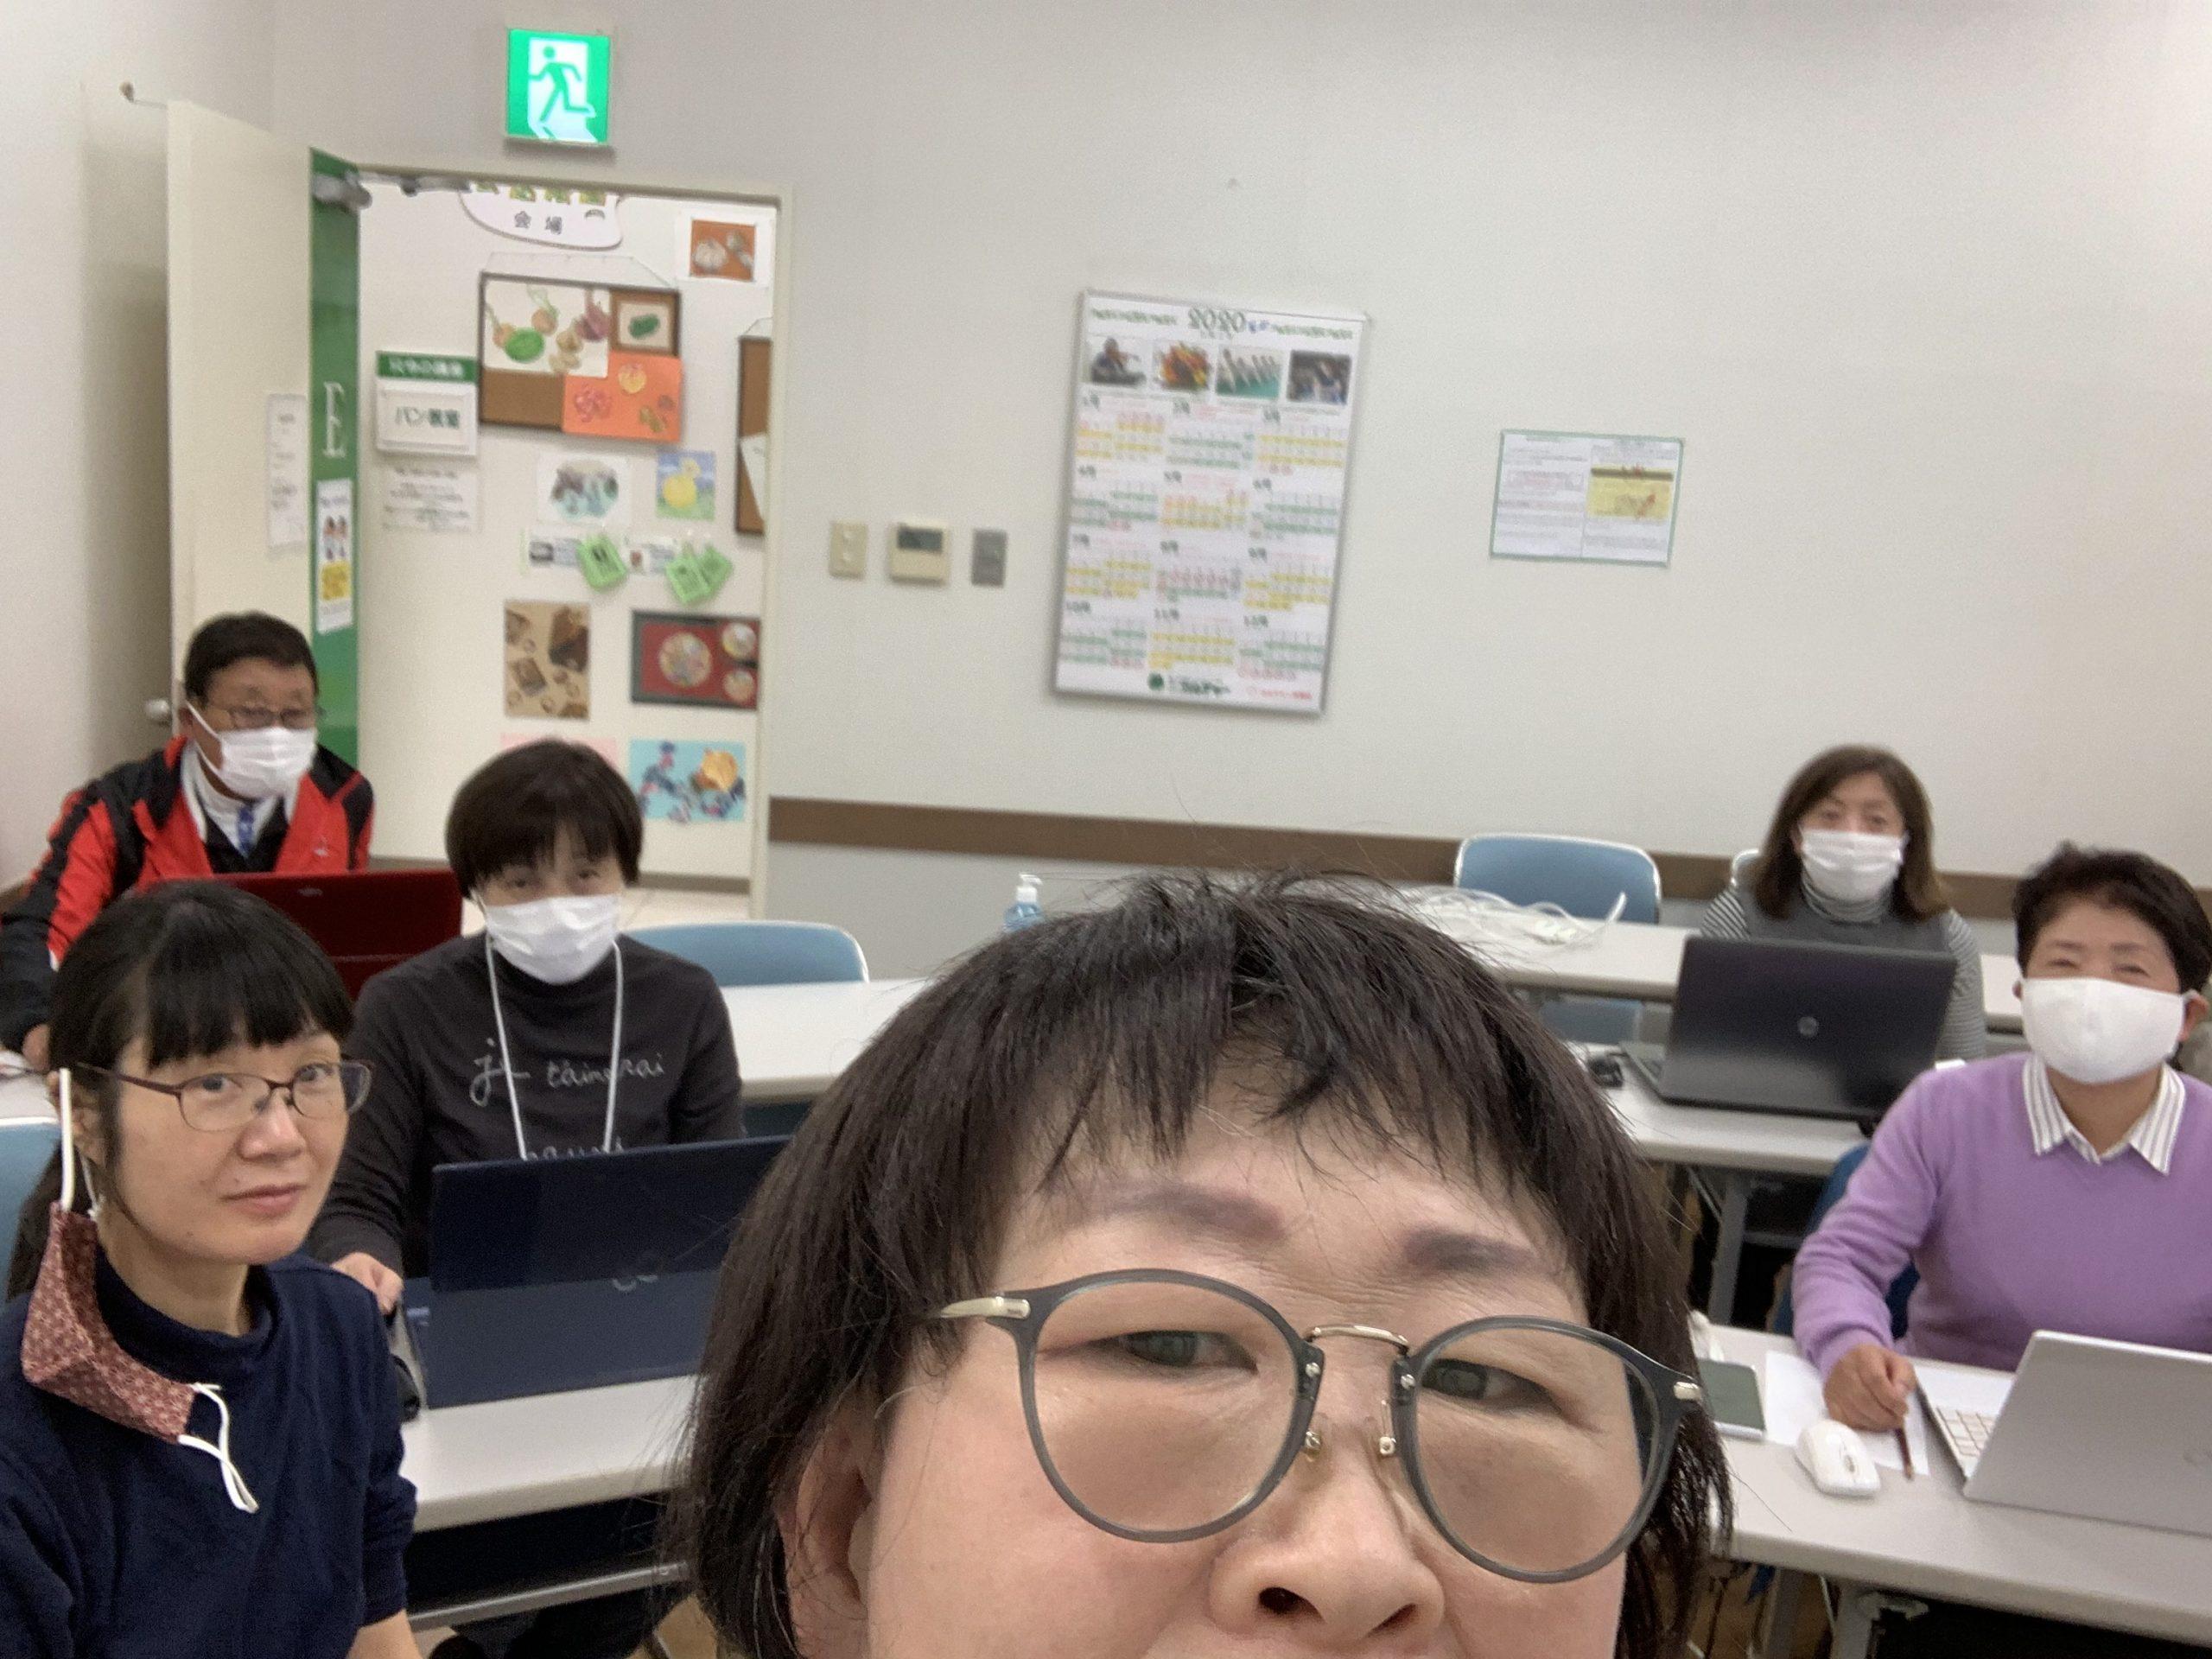 カルチャーパソコン教室